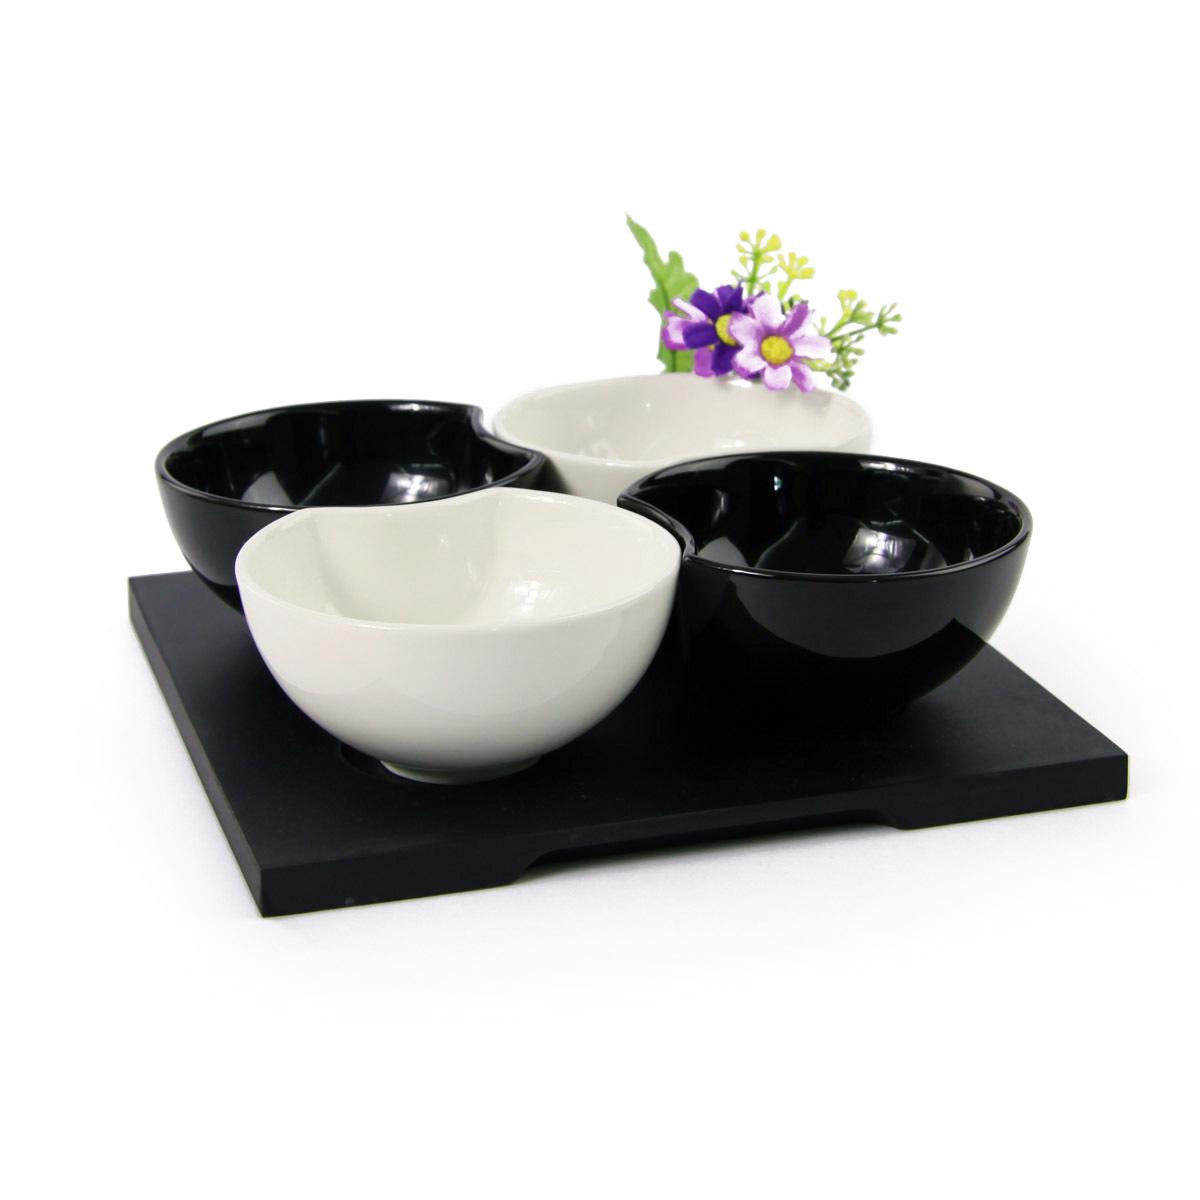 煜日潮州2013日式4人釉下彩餐具瓷器套装 餐饮用具 套餐 厨房